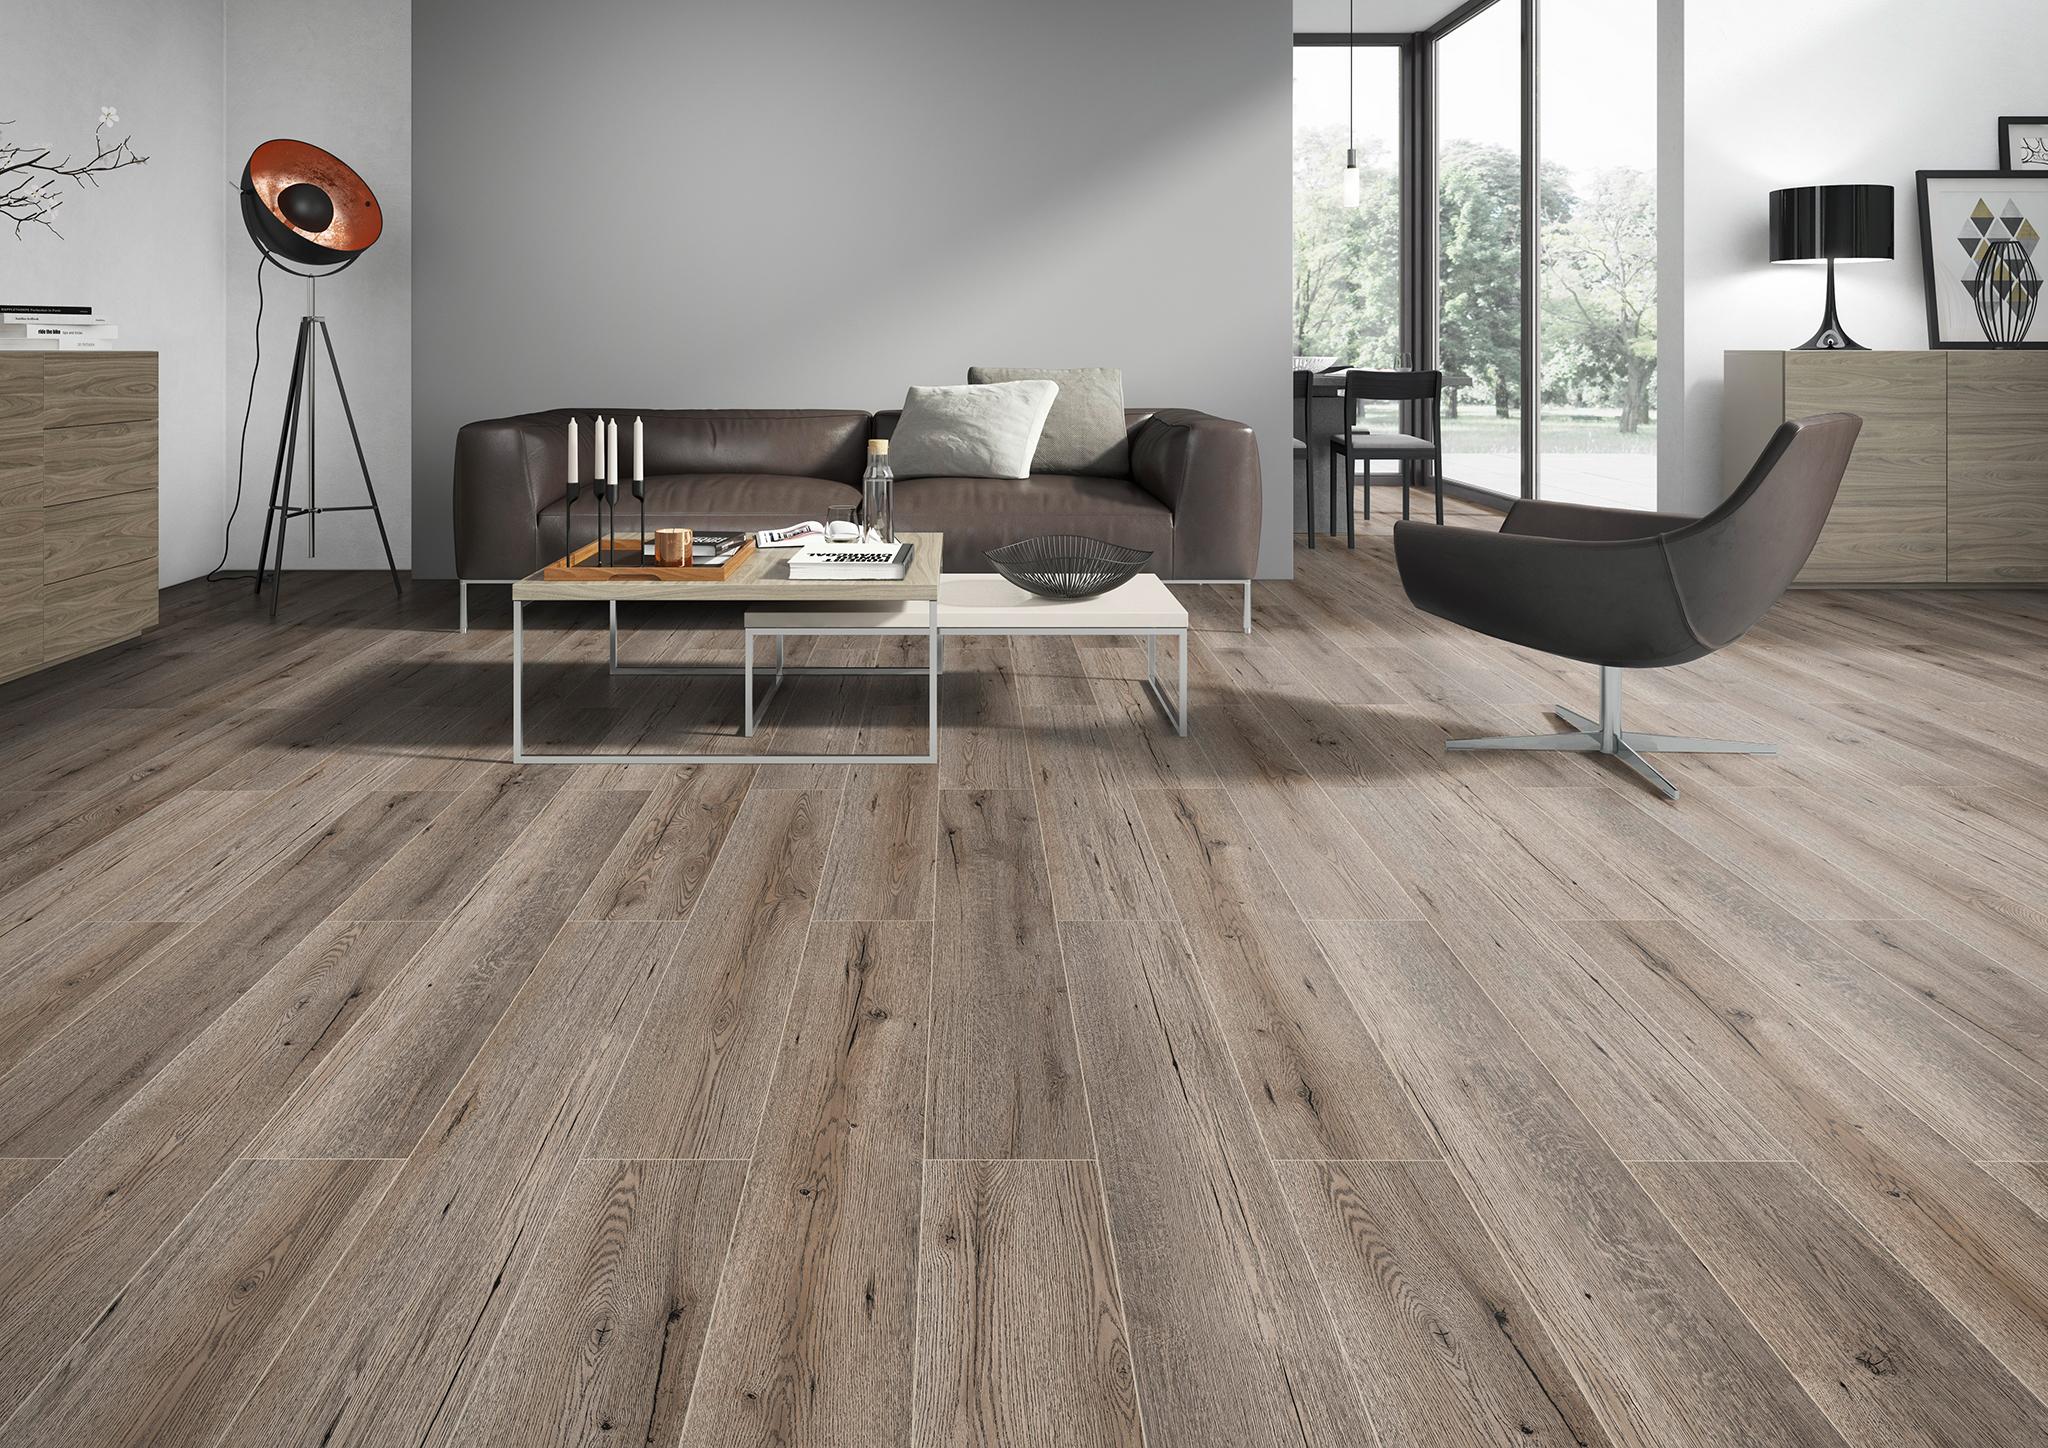 Eco Comfort Udine Eiche Designboden